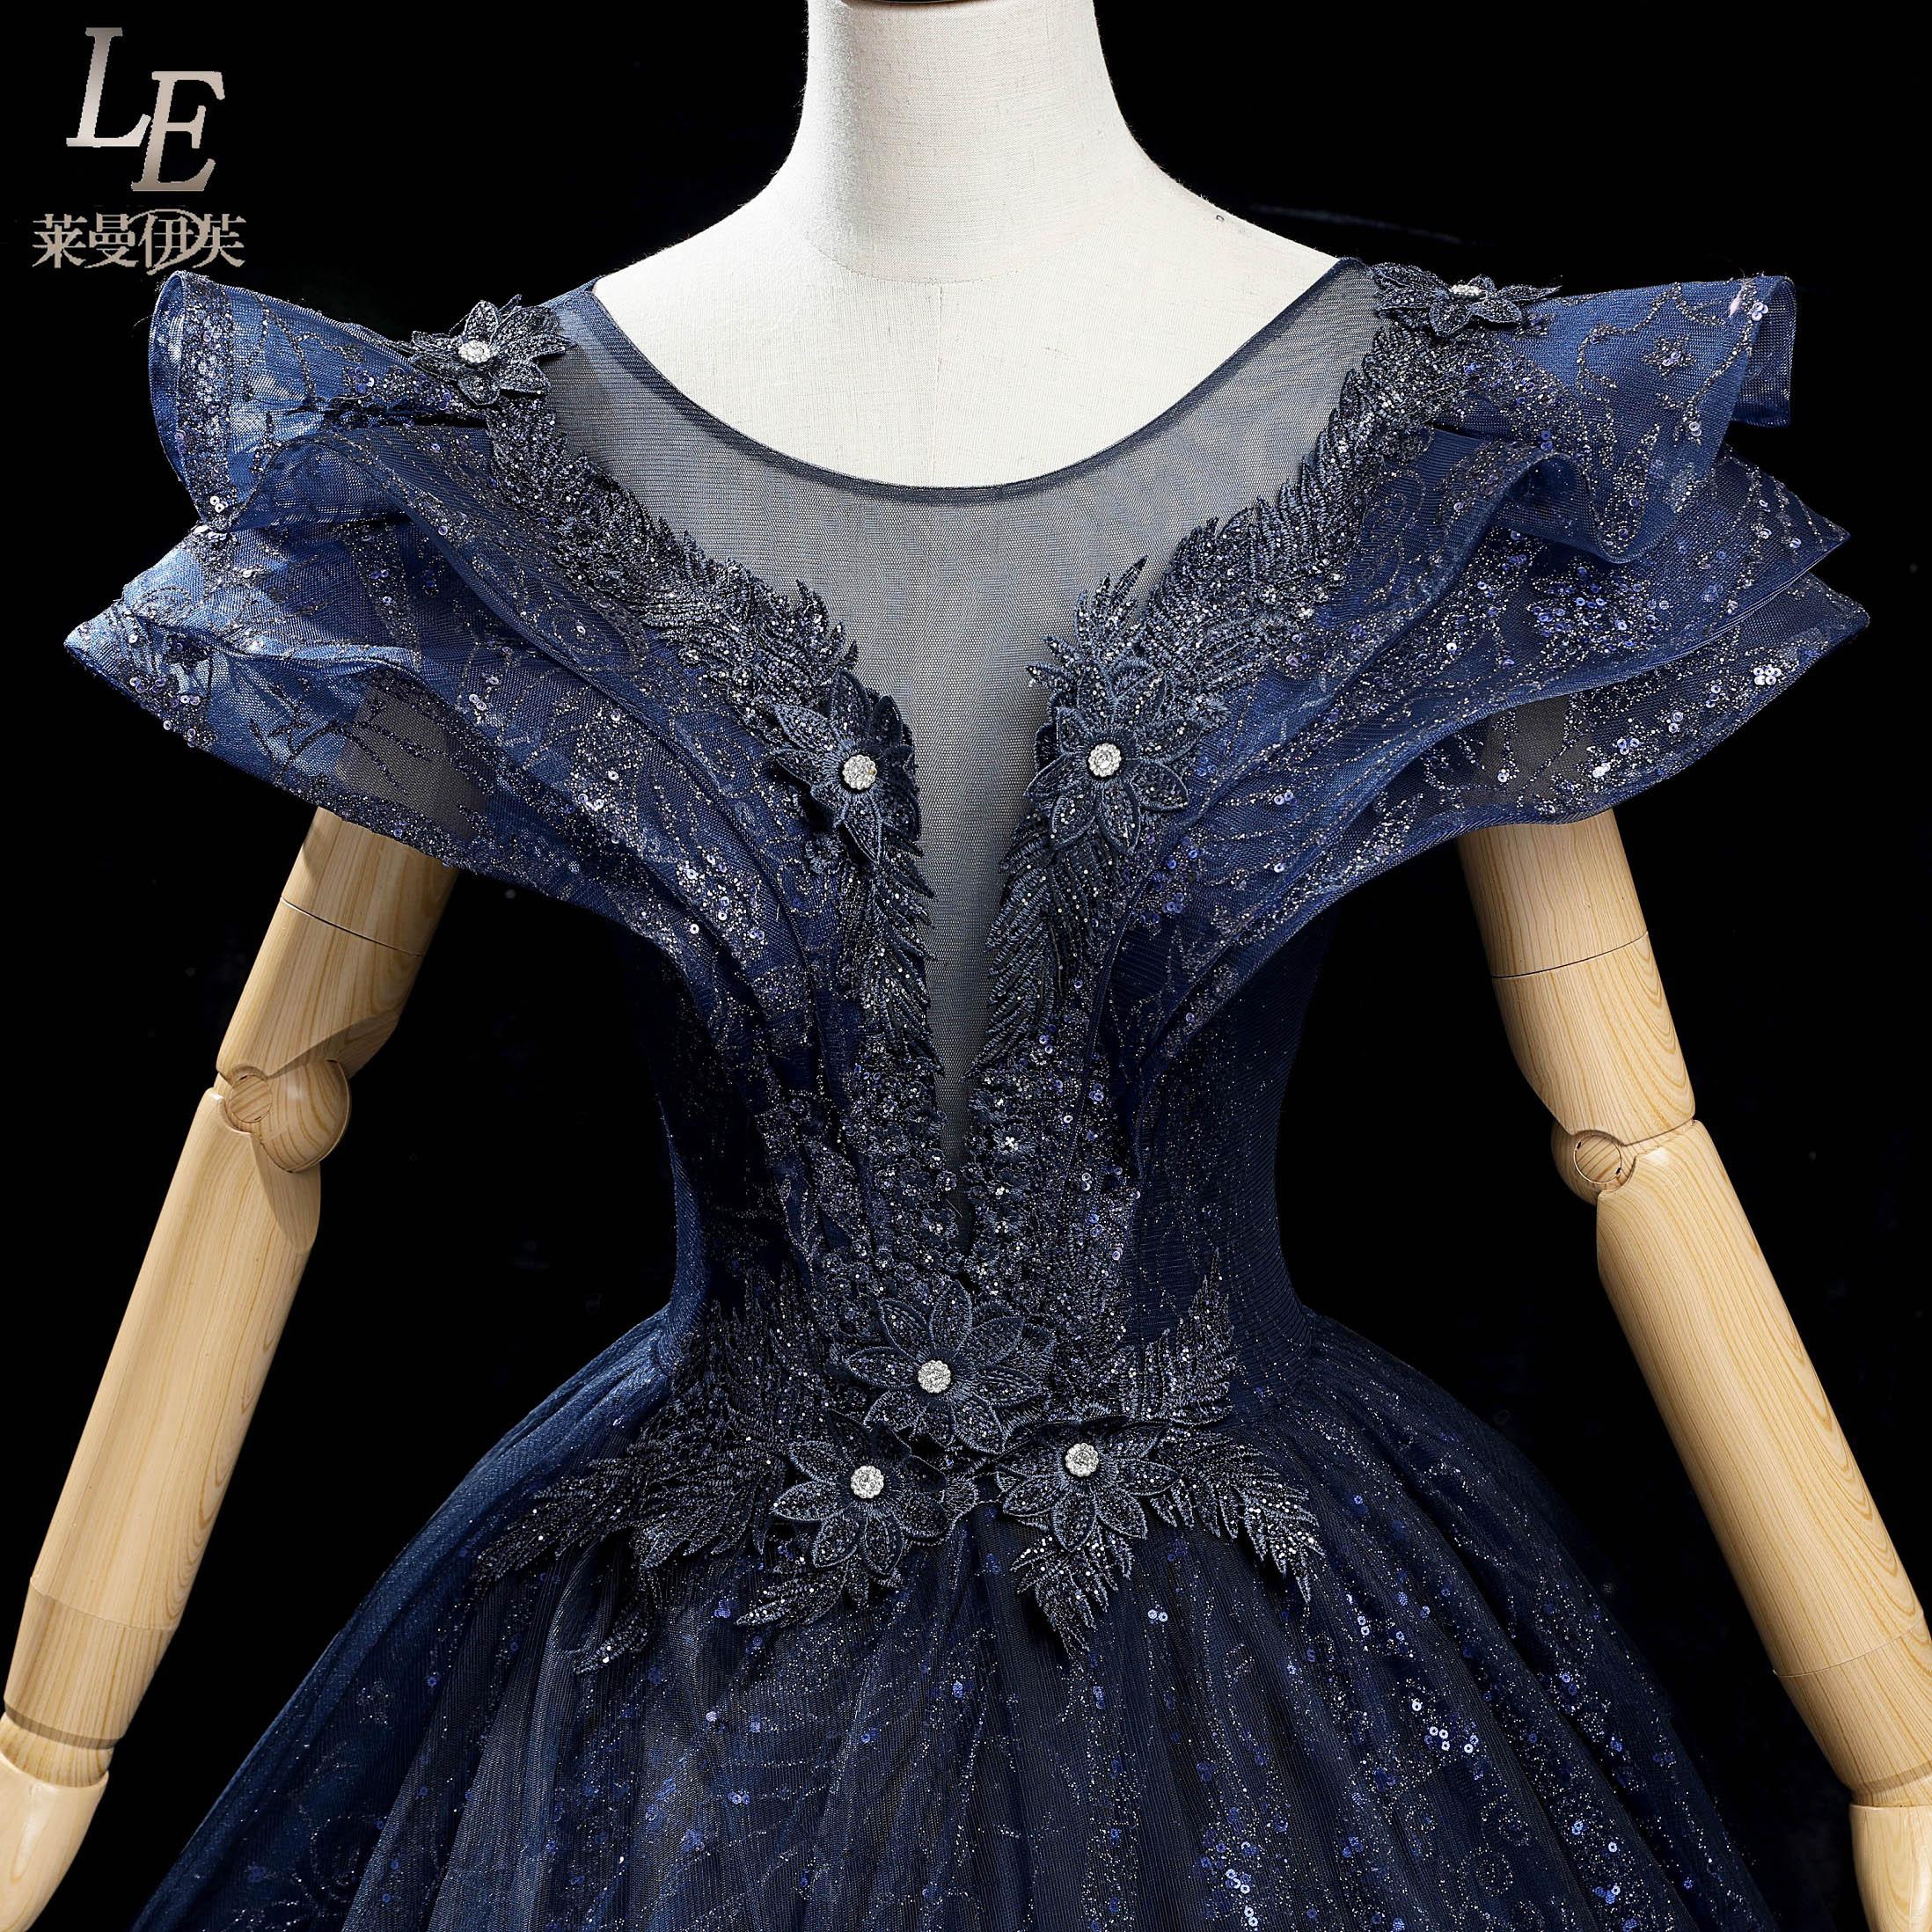 فستان حفلة فكتوريا من العصور الوسطى ، فستان طويل فاخر باللون الأزرق الداكن مع تطريز مطرز بالخرز وياقة الملكة